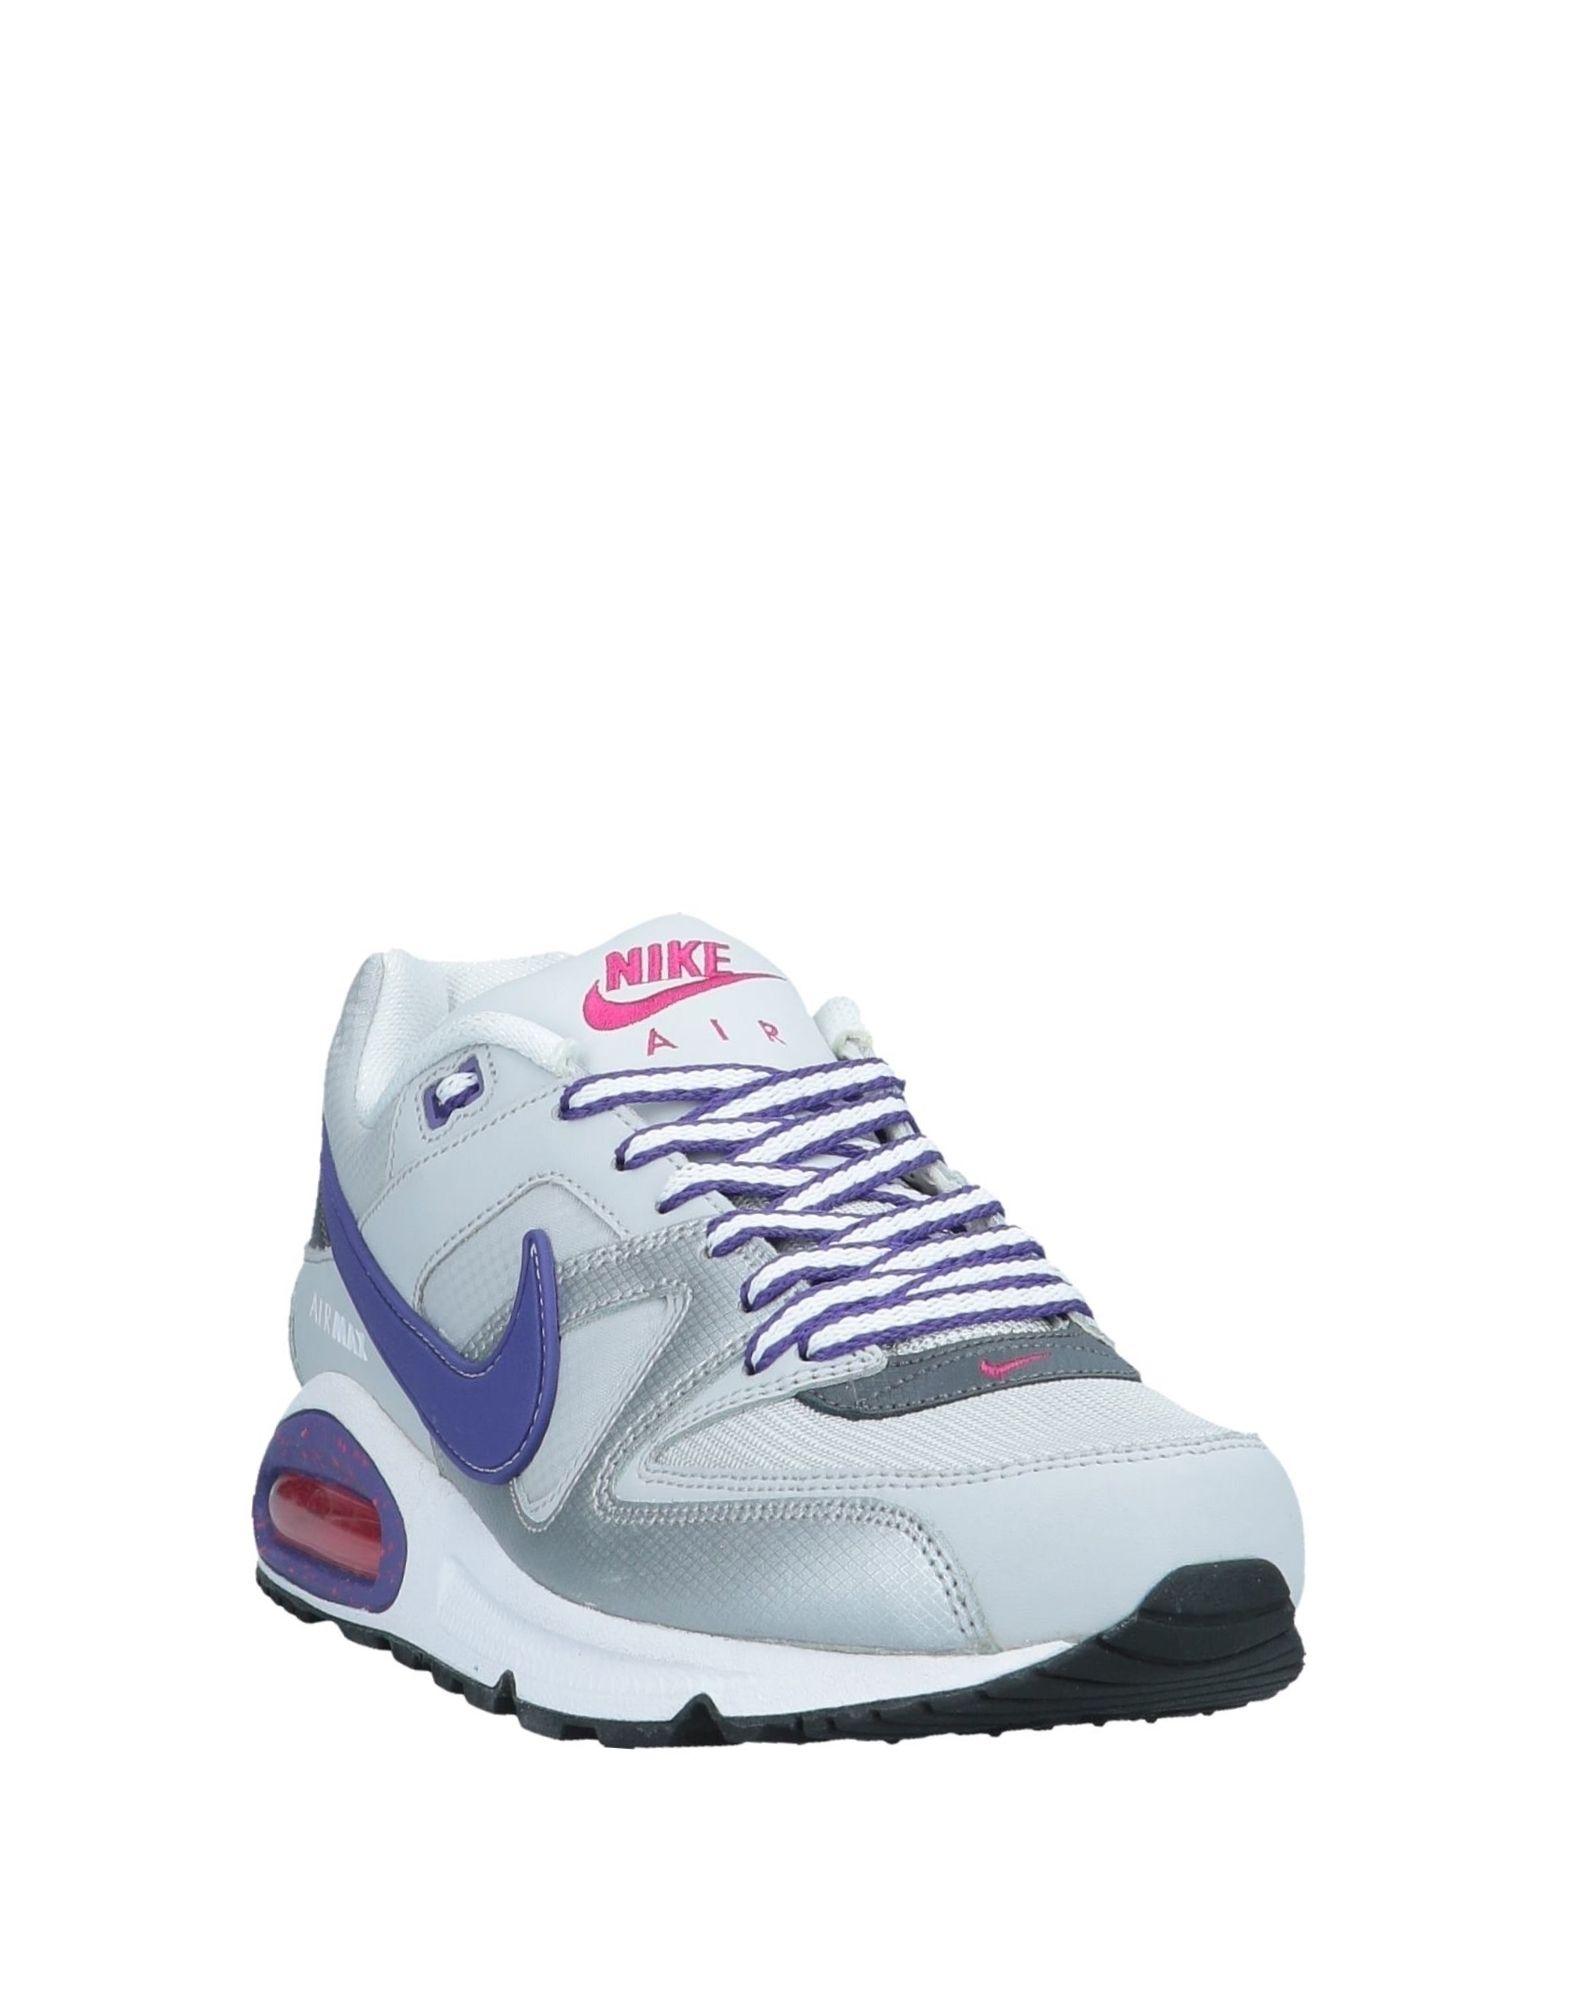 Nike Nike Nike Sneakers - Women Nike Sneakers online on  Canada - 11572924WK 6305b3